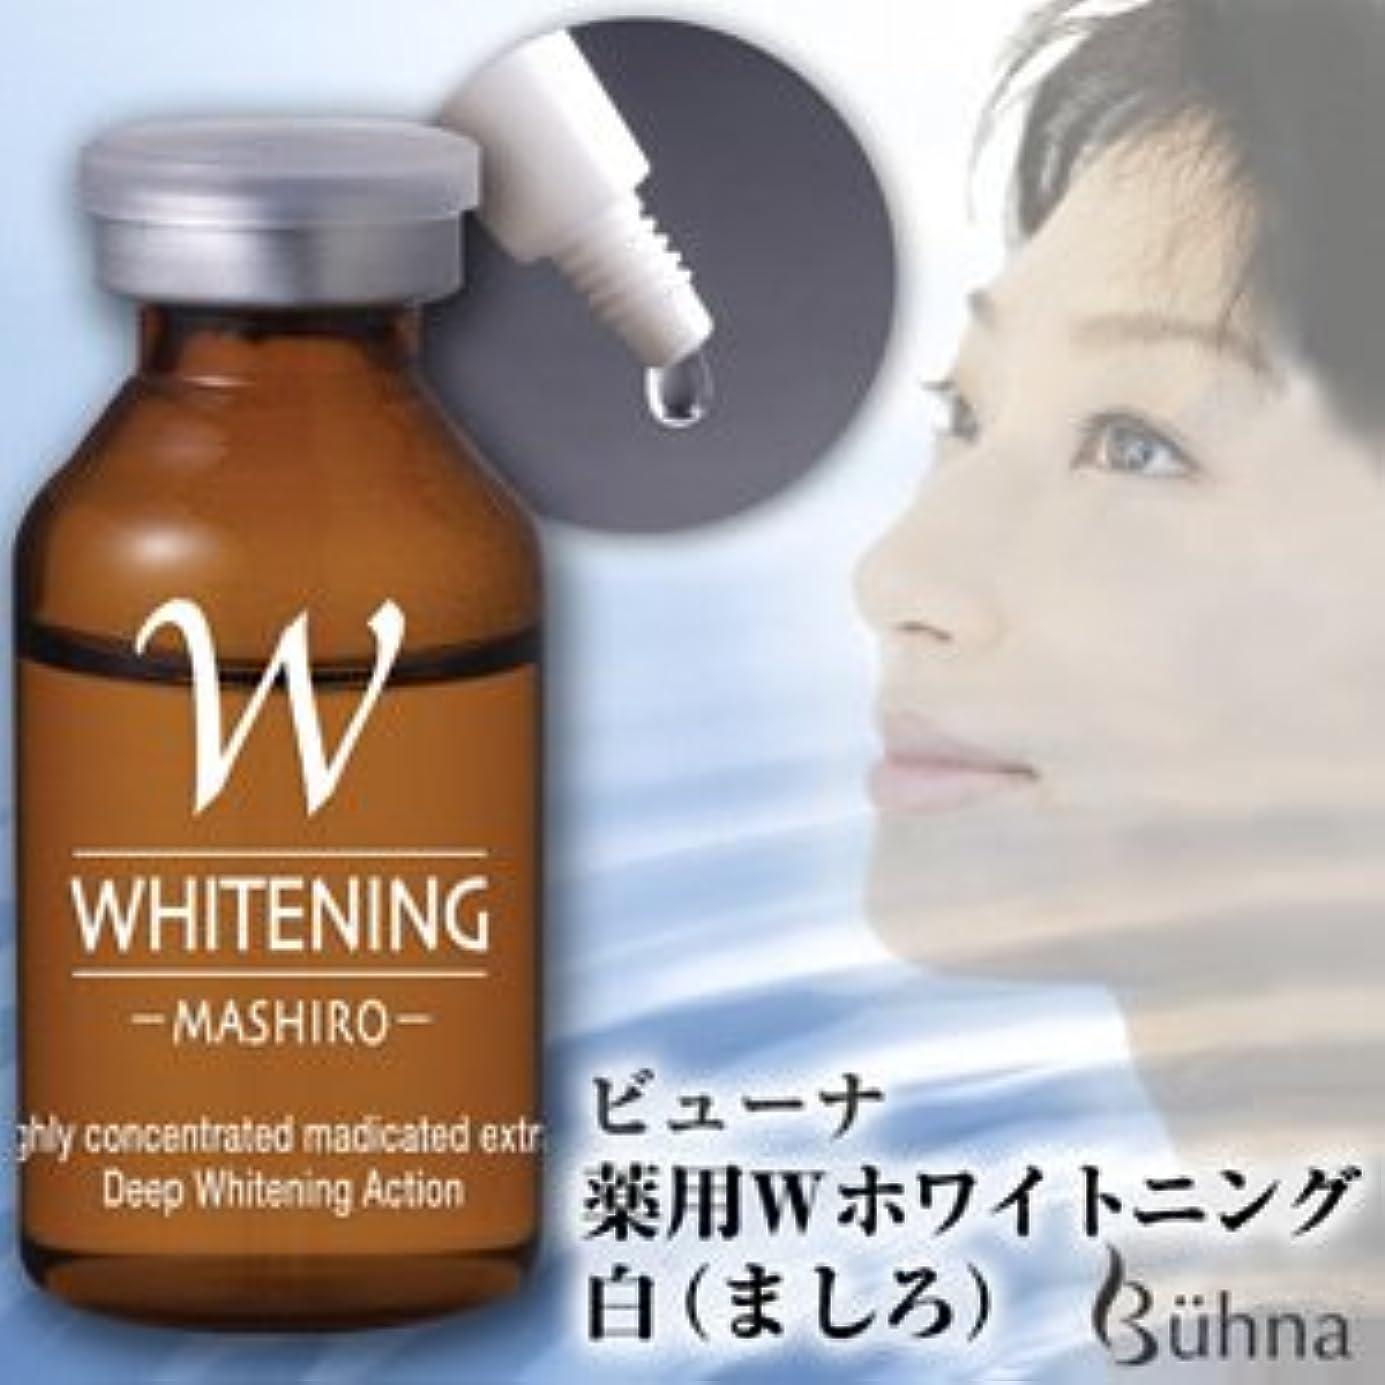 取り戻す援助する政策超高濃度!W原液がシミを断つ、翌朝の肌で感じる美肌力『薬用ダブルホワイトニング白(ましろ)』